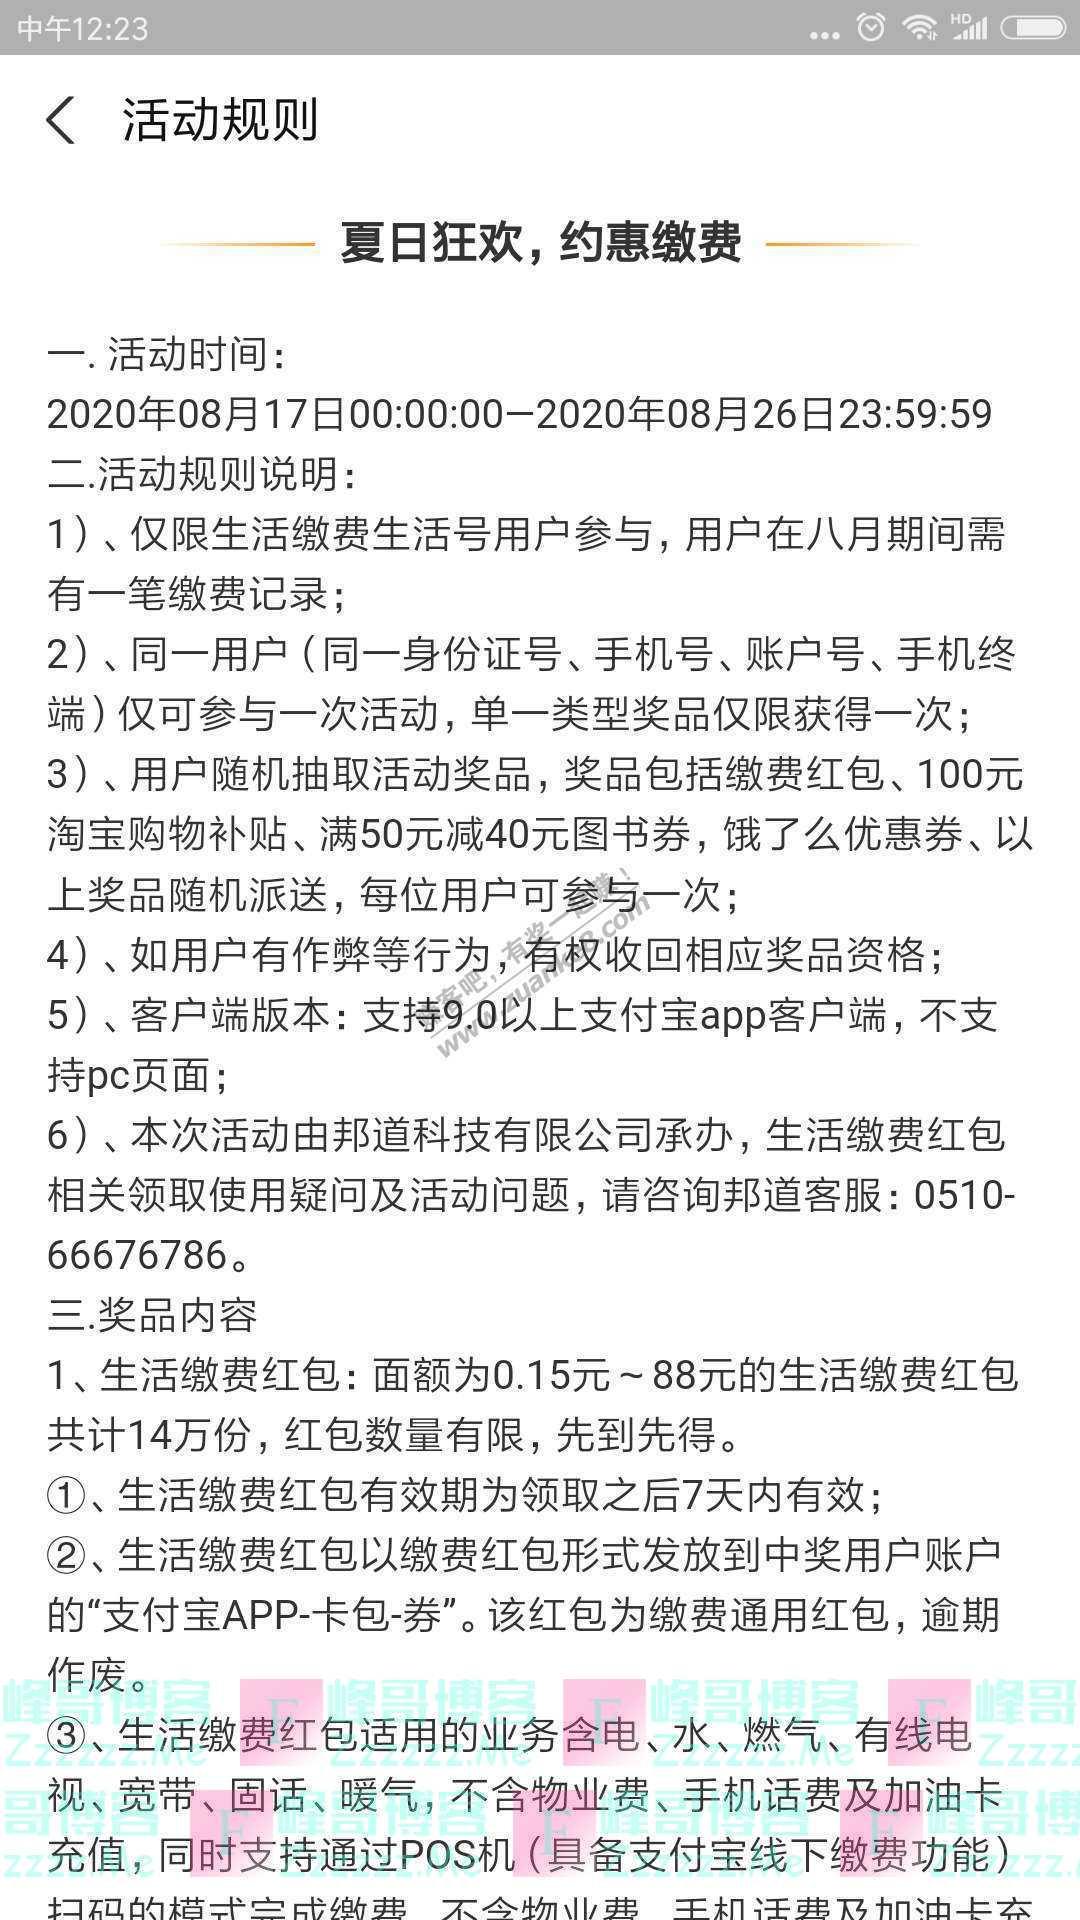 支付宝app夏日狂欢 约惠缴费(截止8月26日)